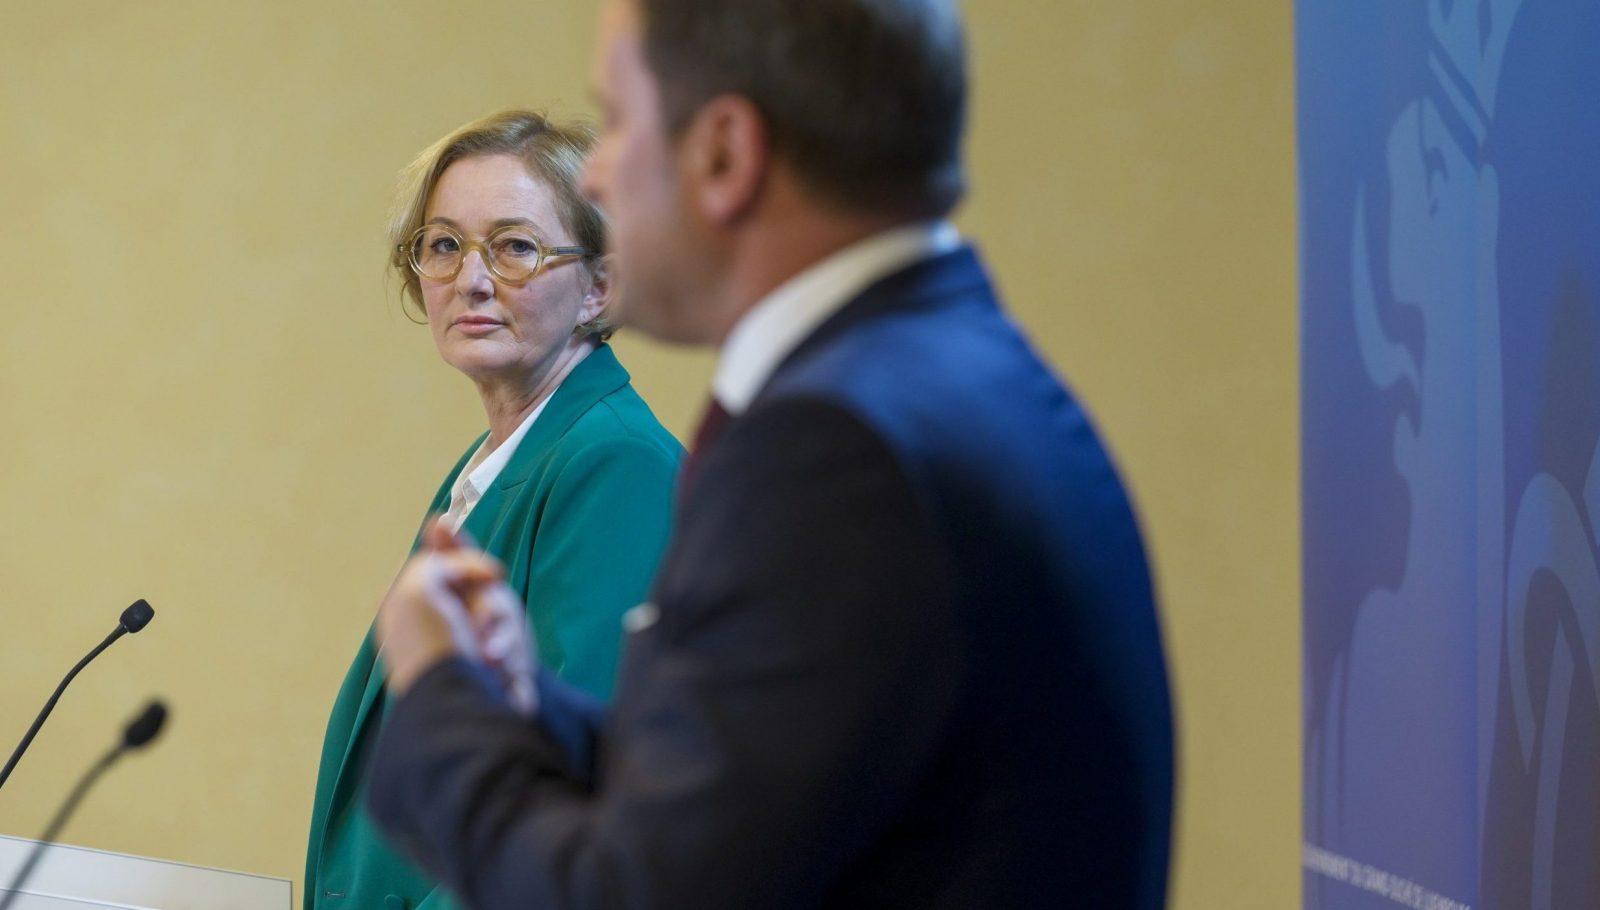 Strategiewechsel der Regierung: Luxemburgs Sonderweg in der Pandemie - Reporter.lu